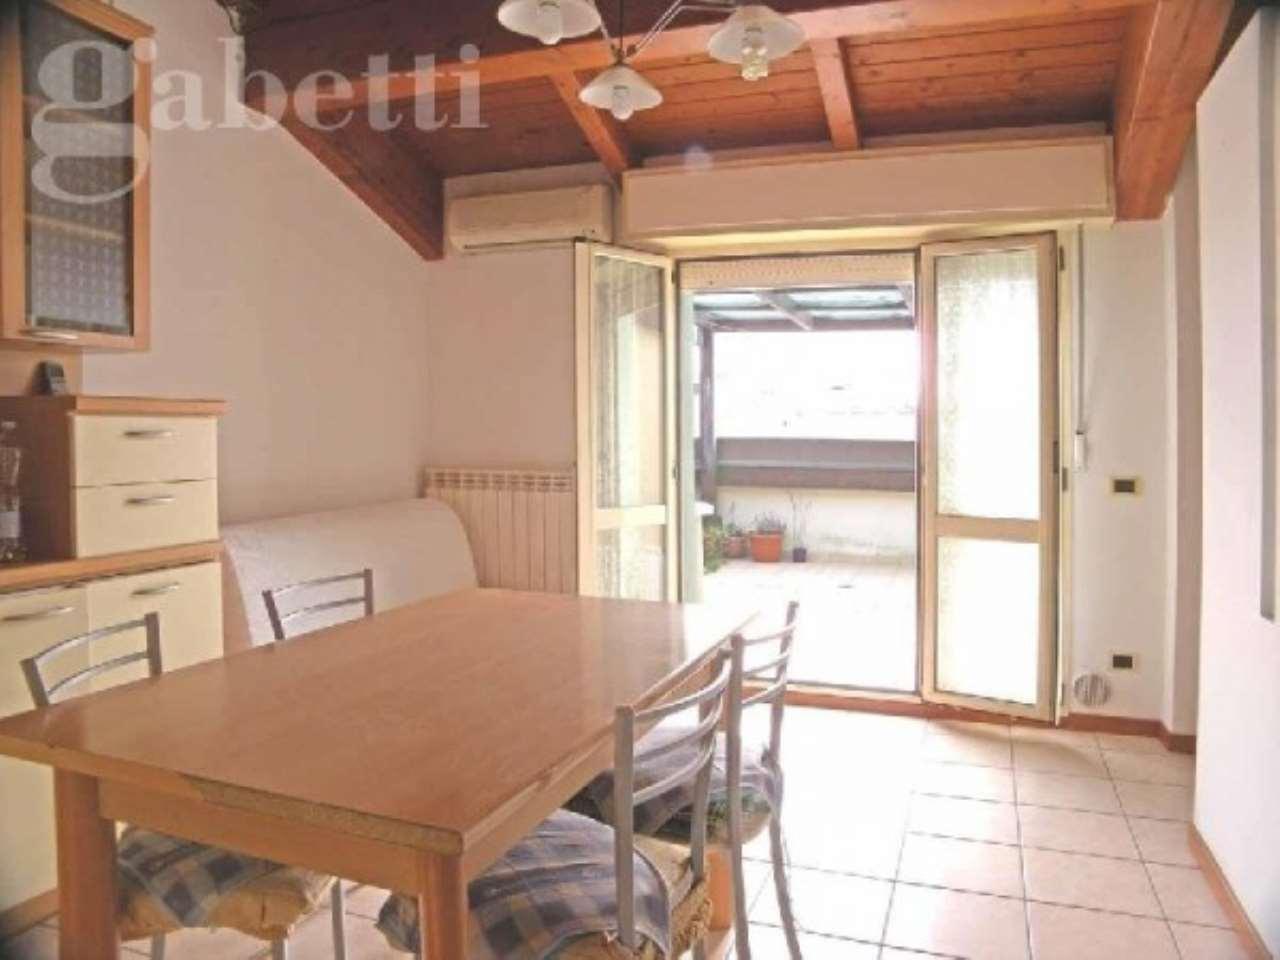 Appartamento in vendita a Senigallia, 2 locali, prezzo € 160.000   CambioCasa.it